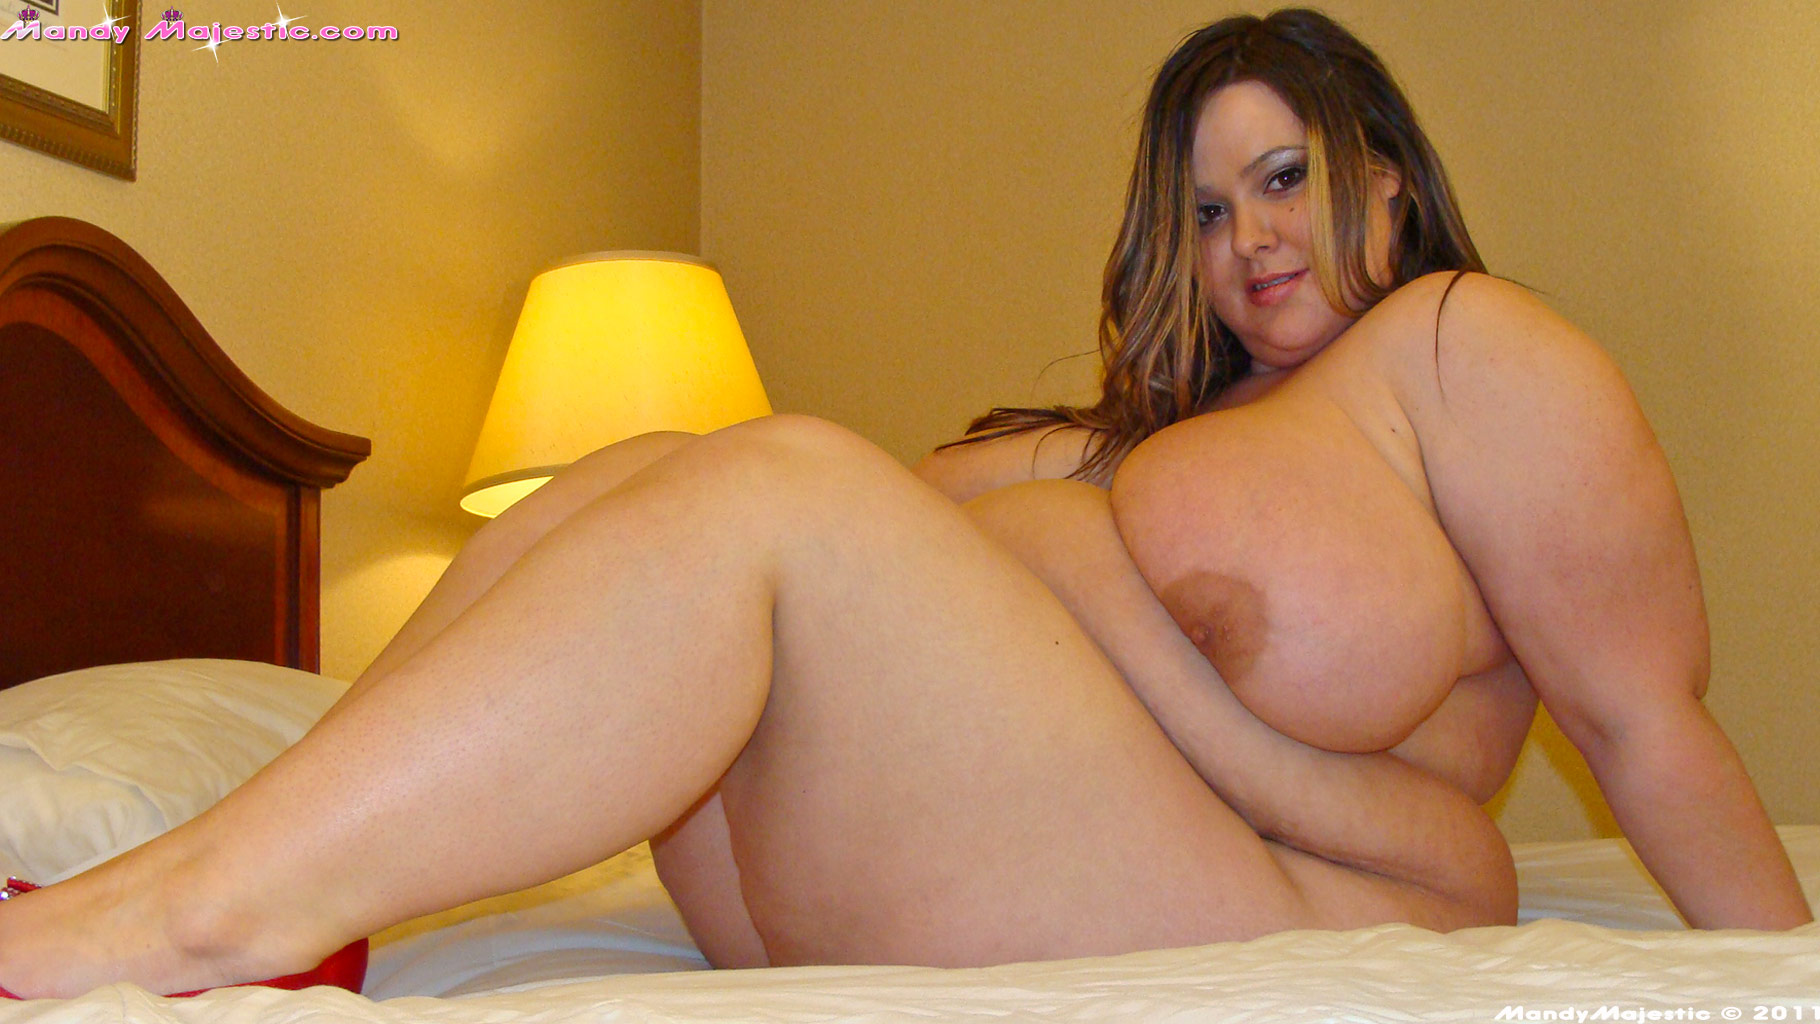 sara next door naked